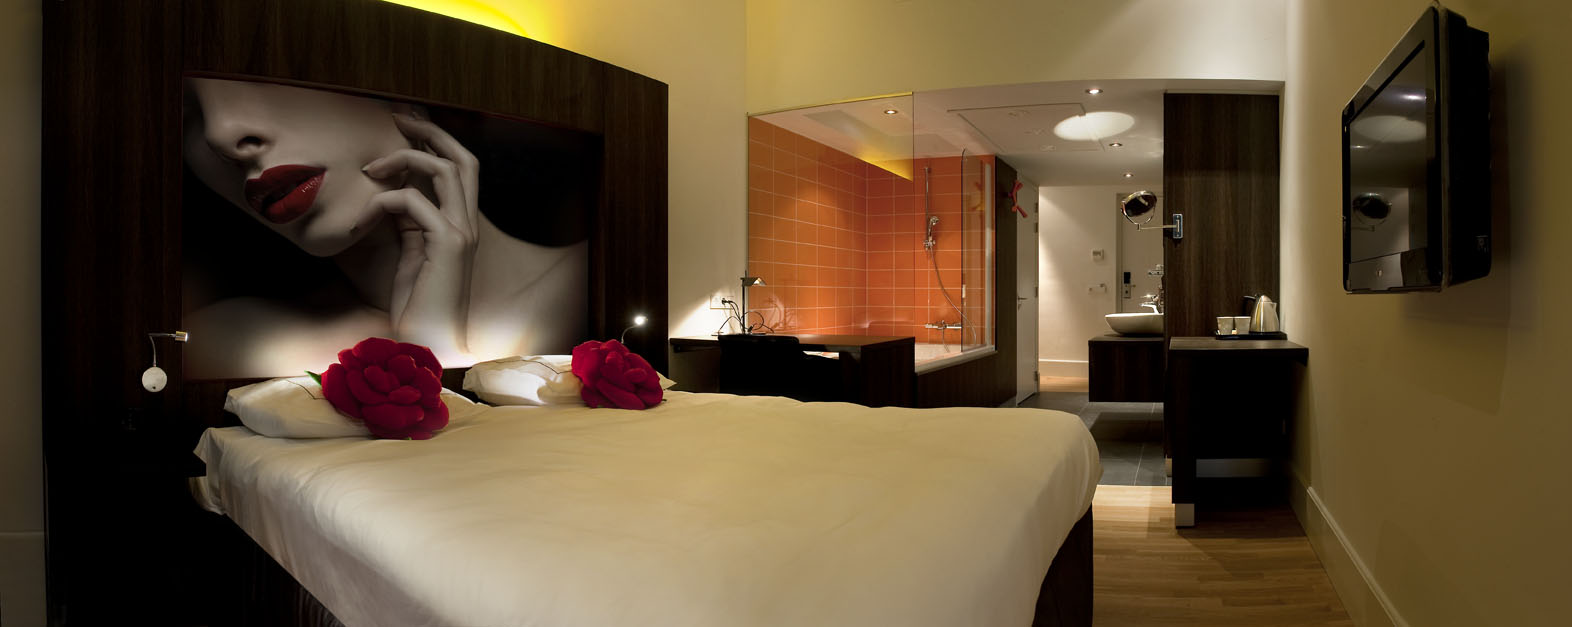 Weekendje weg met lo 39 s 4 maastricht lochristinaar for Design hotel maastricht